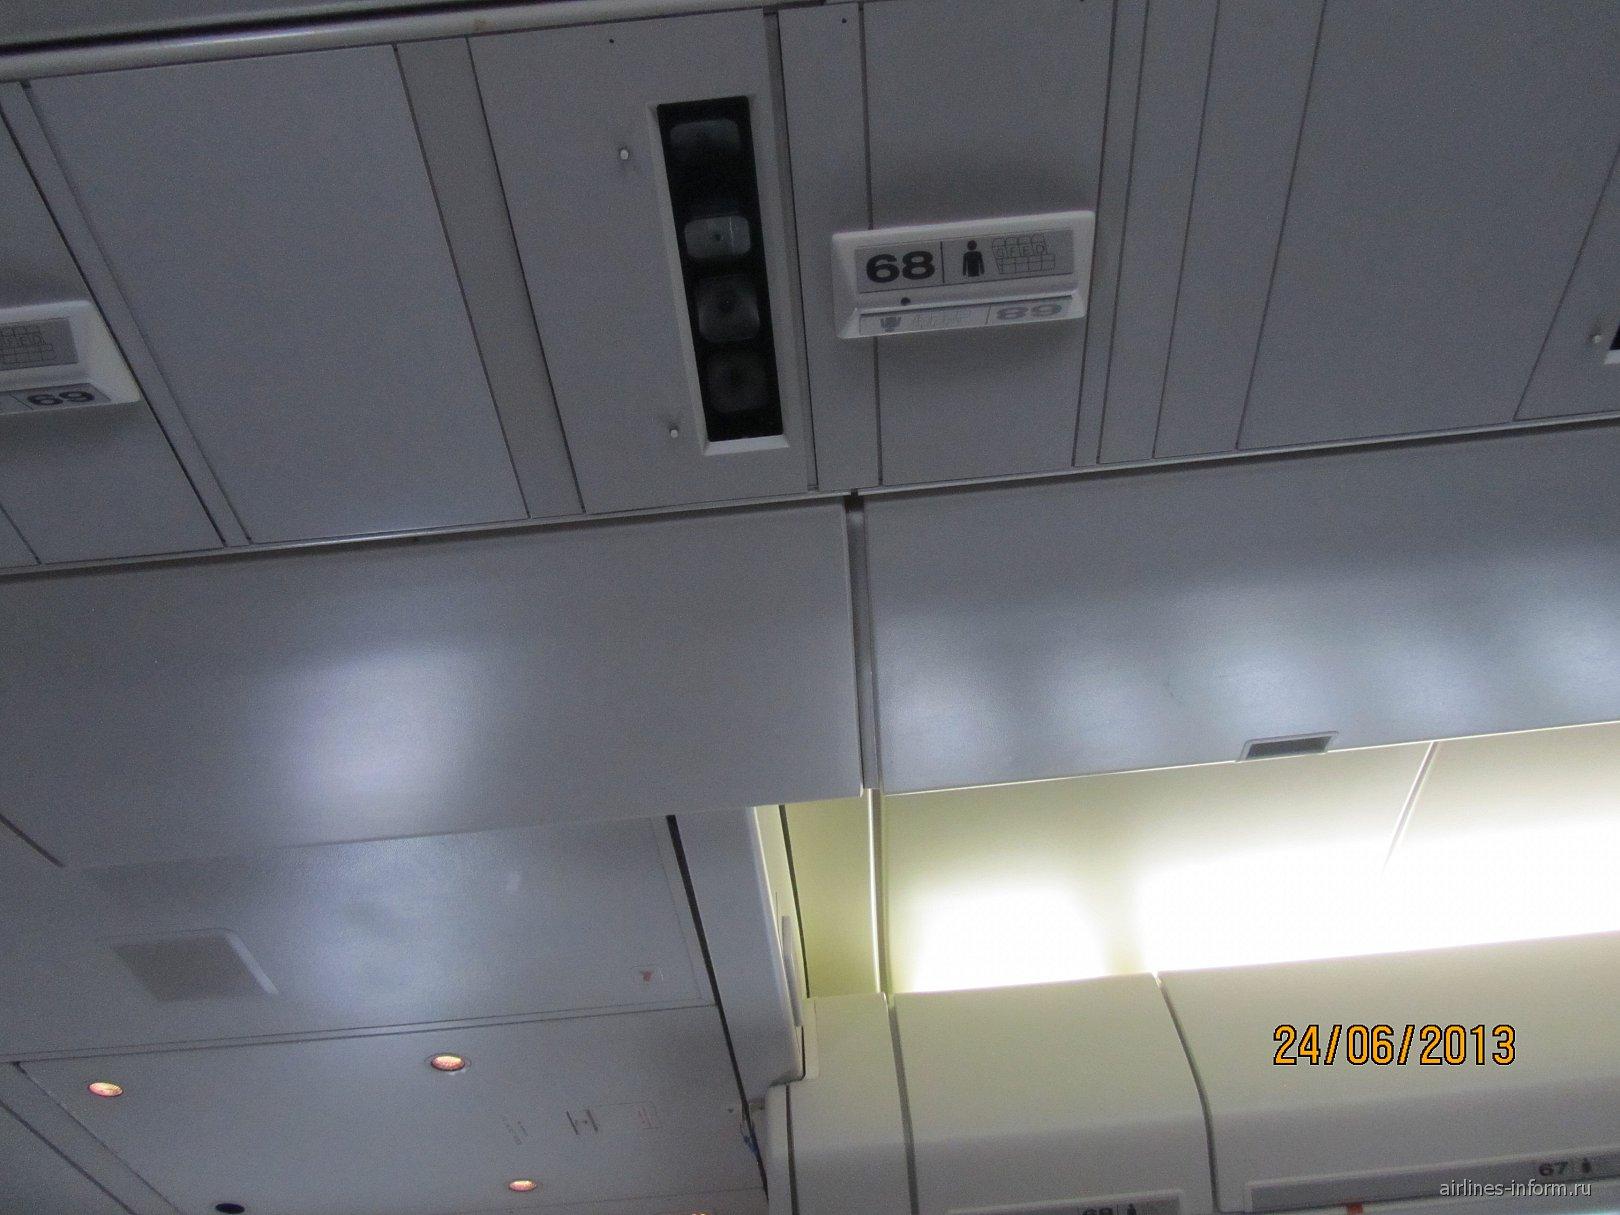 Салон самолета Боинг-747-400 авиакомпании Cathay Pacific